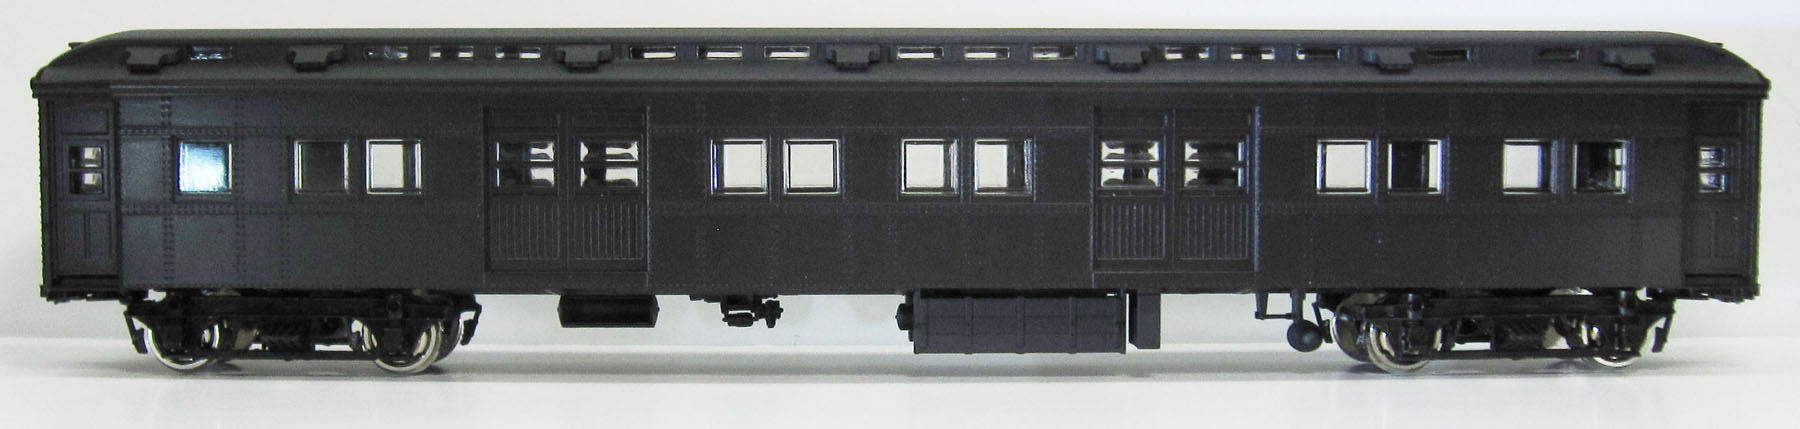 マニ36700